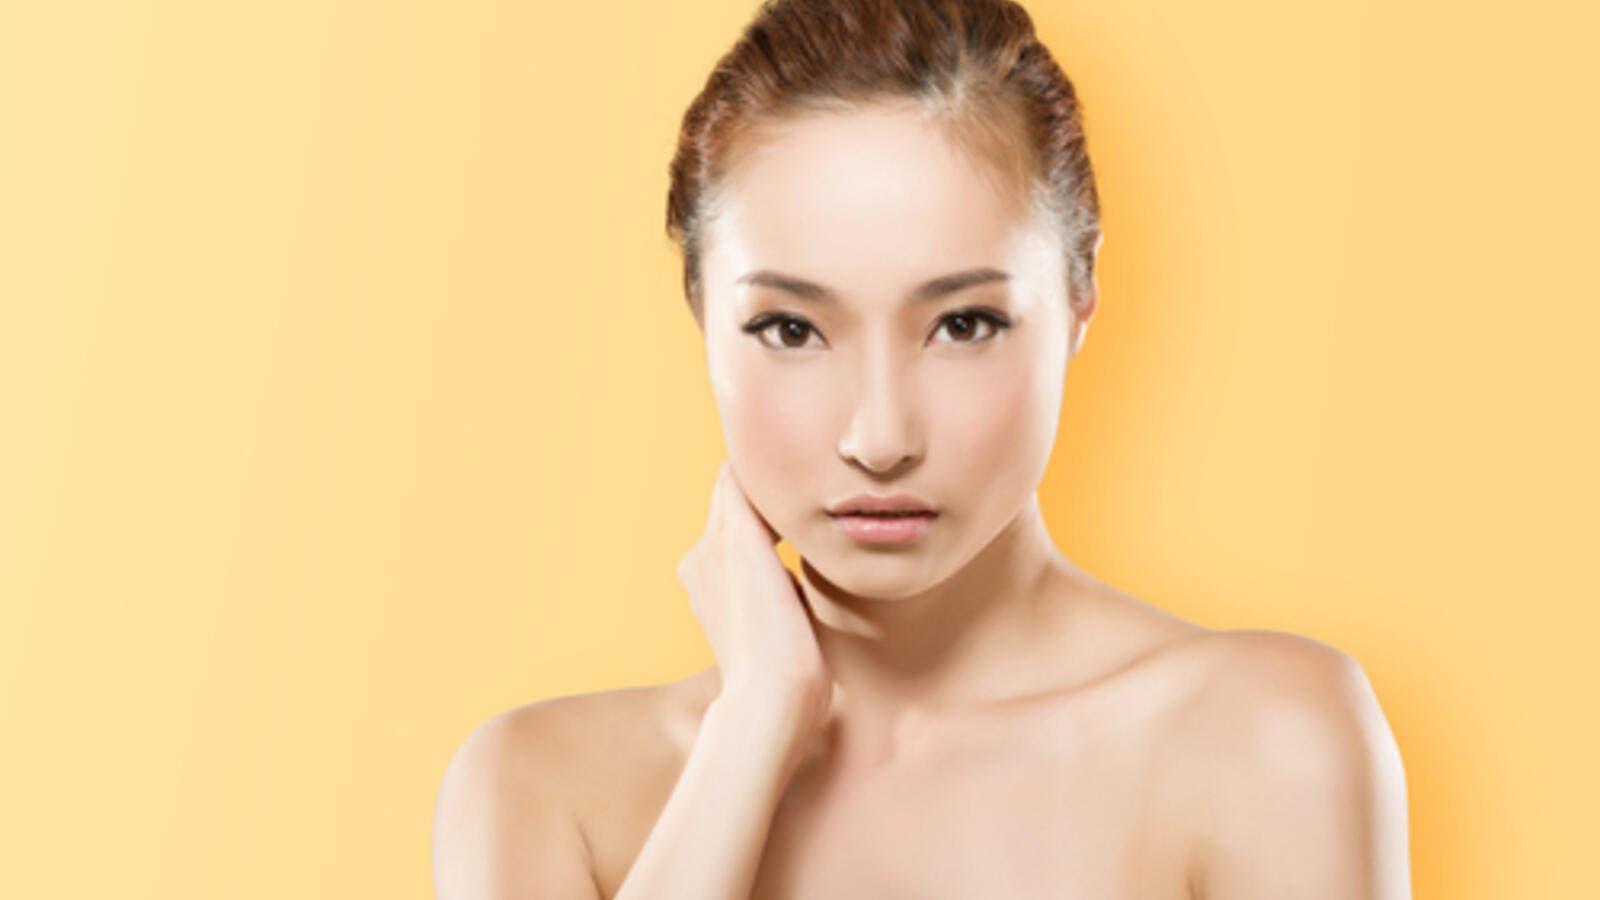 41303b8fb جمال بشرة المرأة الكورية في يوم المرأة العالمي   البوابة